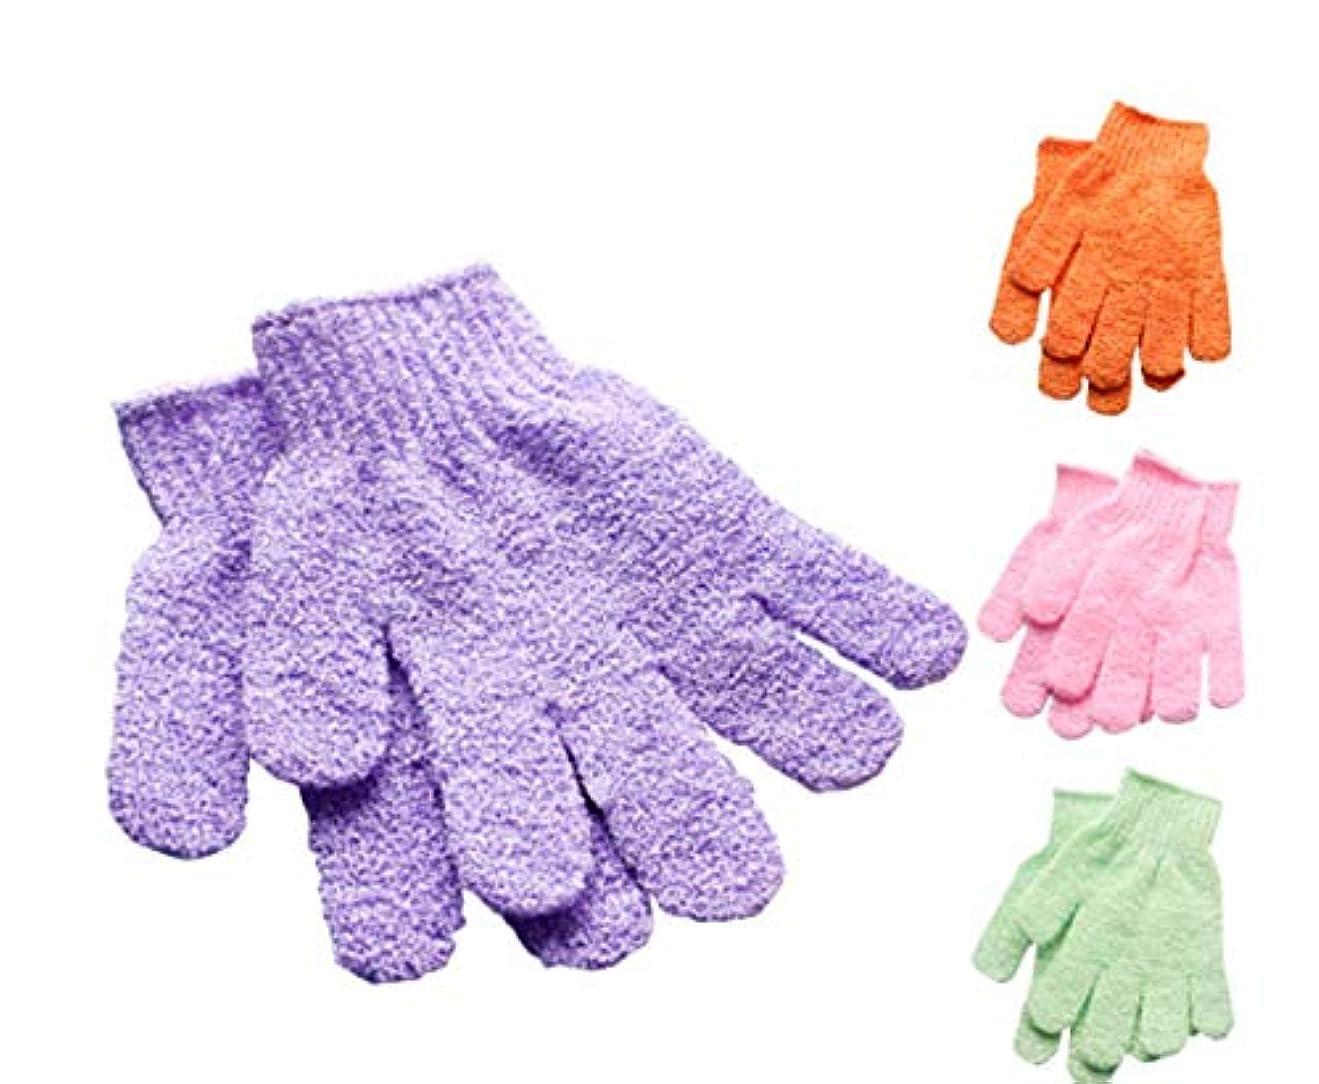 起きているベリー預言者やさしく垢を取る垢すり手袋 新発売、、不思議な垢すりタオル 手袋